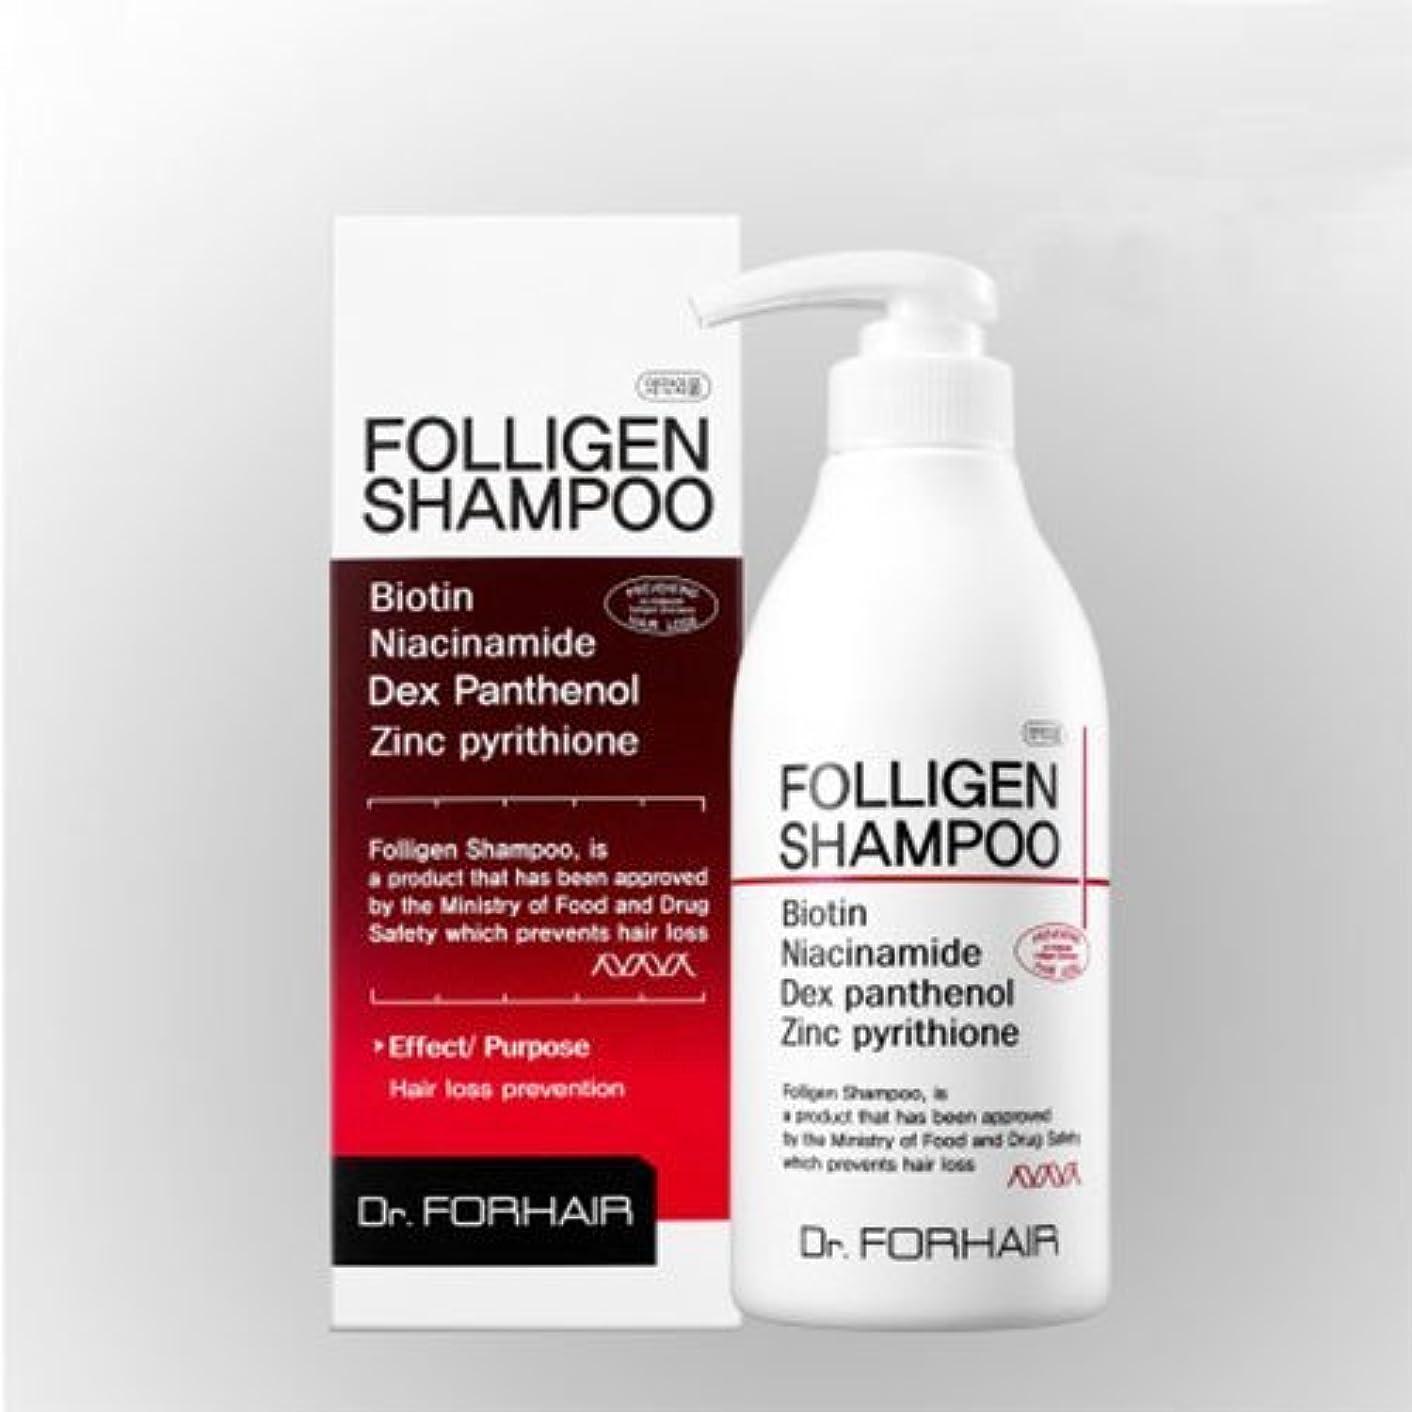 フロー寄り添うバットダクト?フォーヘア ポルリジェン シャンプー500ml 脱毛防止シャンプー[並行輸入品] / Dr. Forhair Folligen Shampoo 500ml (16.9 fl.oz.) for Hair Loss...